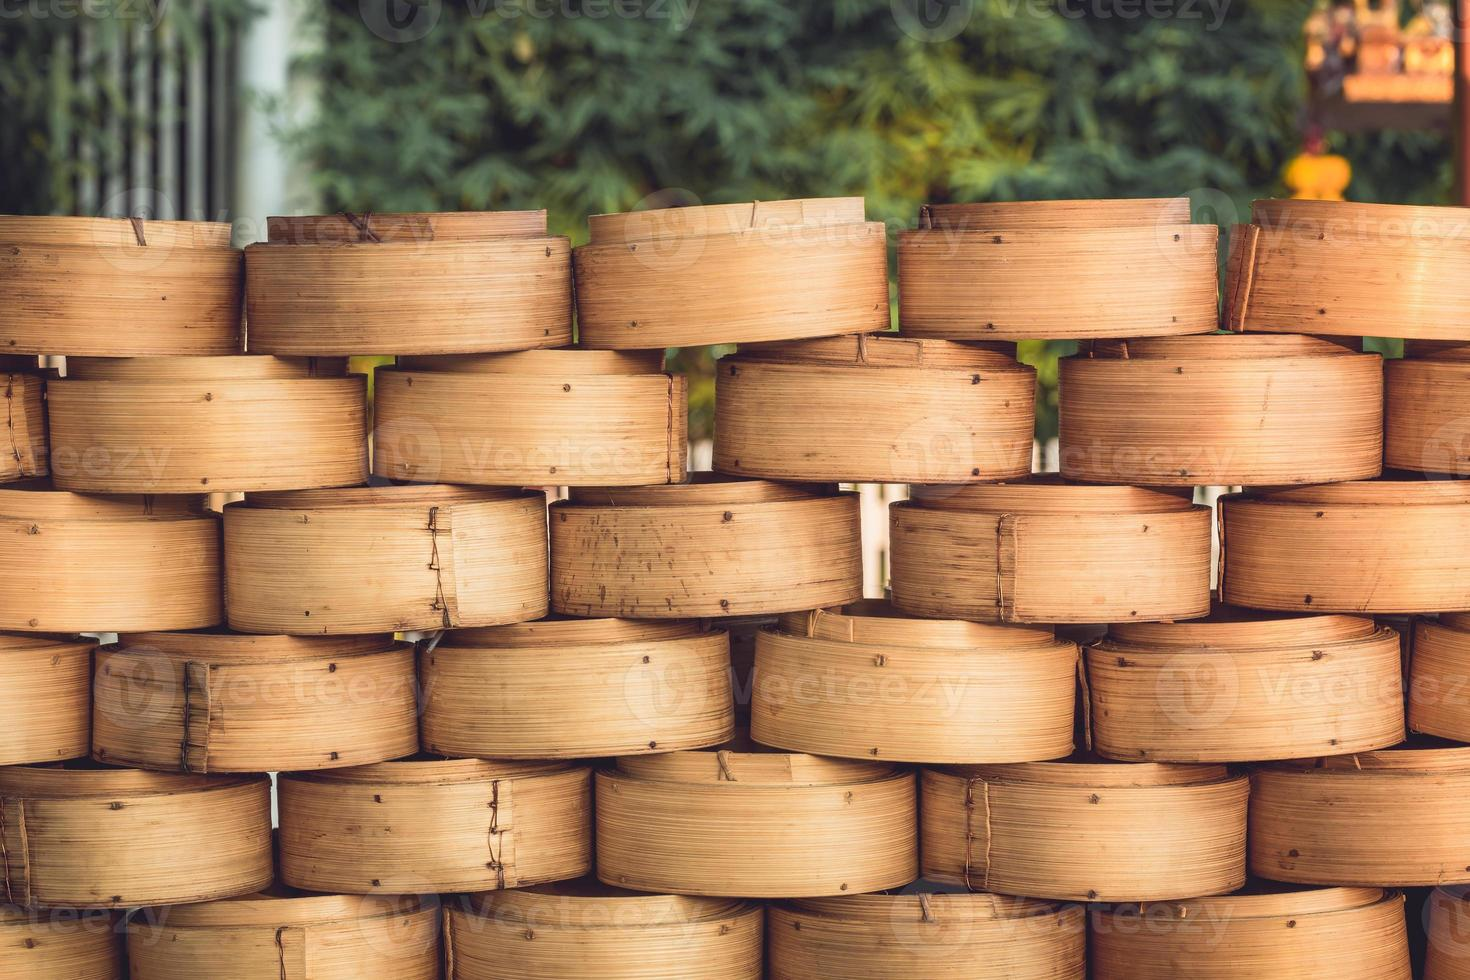 vaporizador de bambu chinês para cozinhar comida chinesa foto